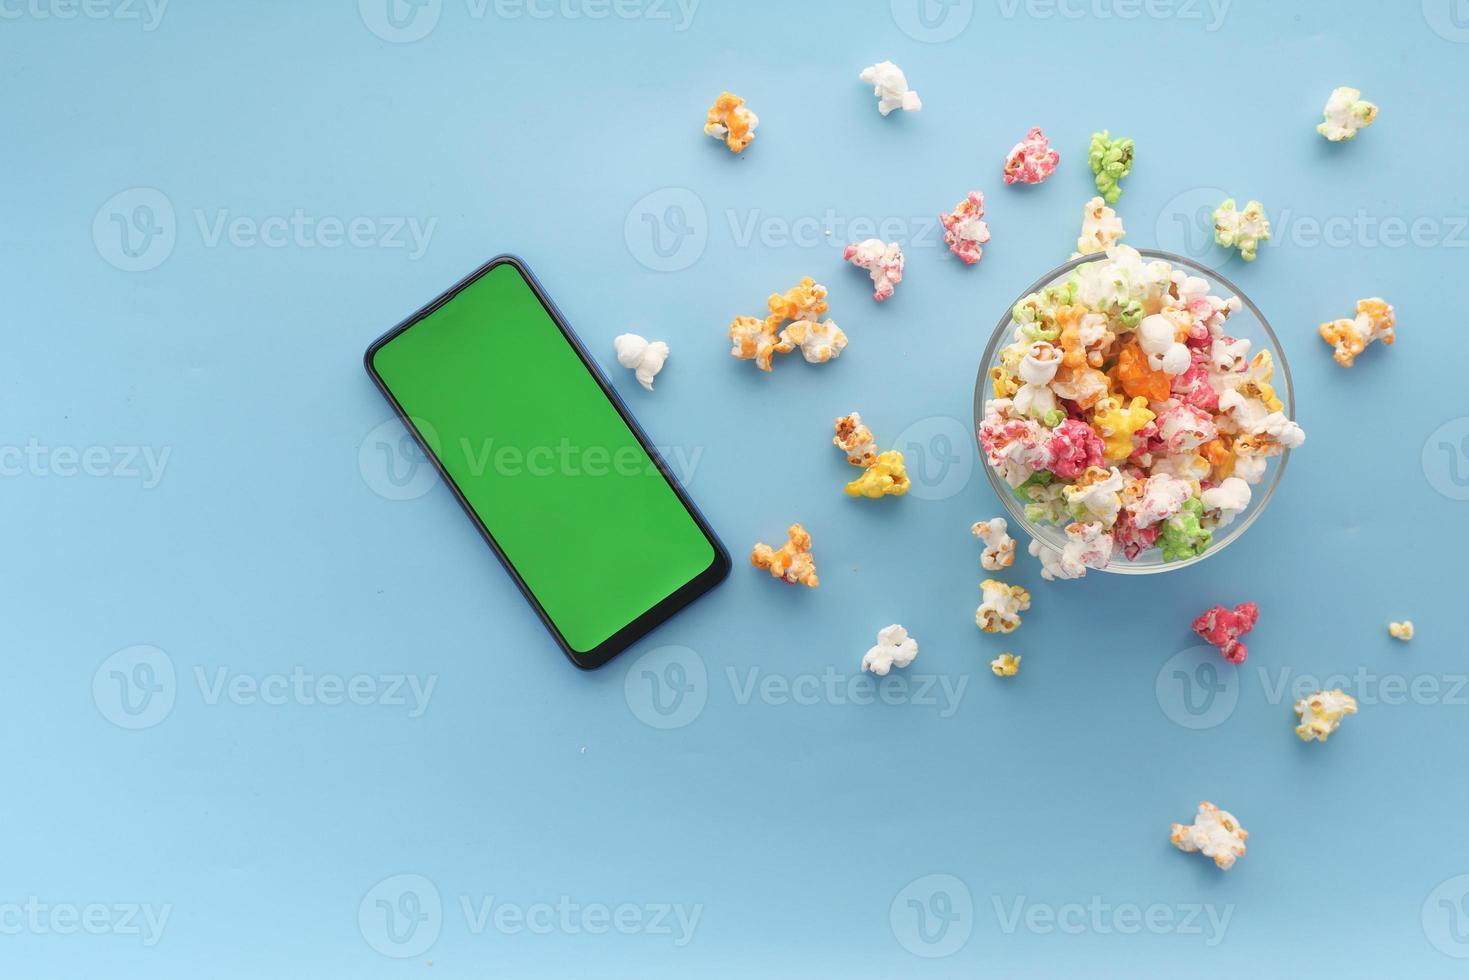 vue de dessus du téléphone intelligent et du pop-corn sur fond bleu photo